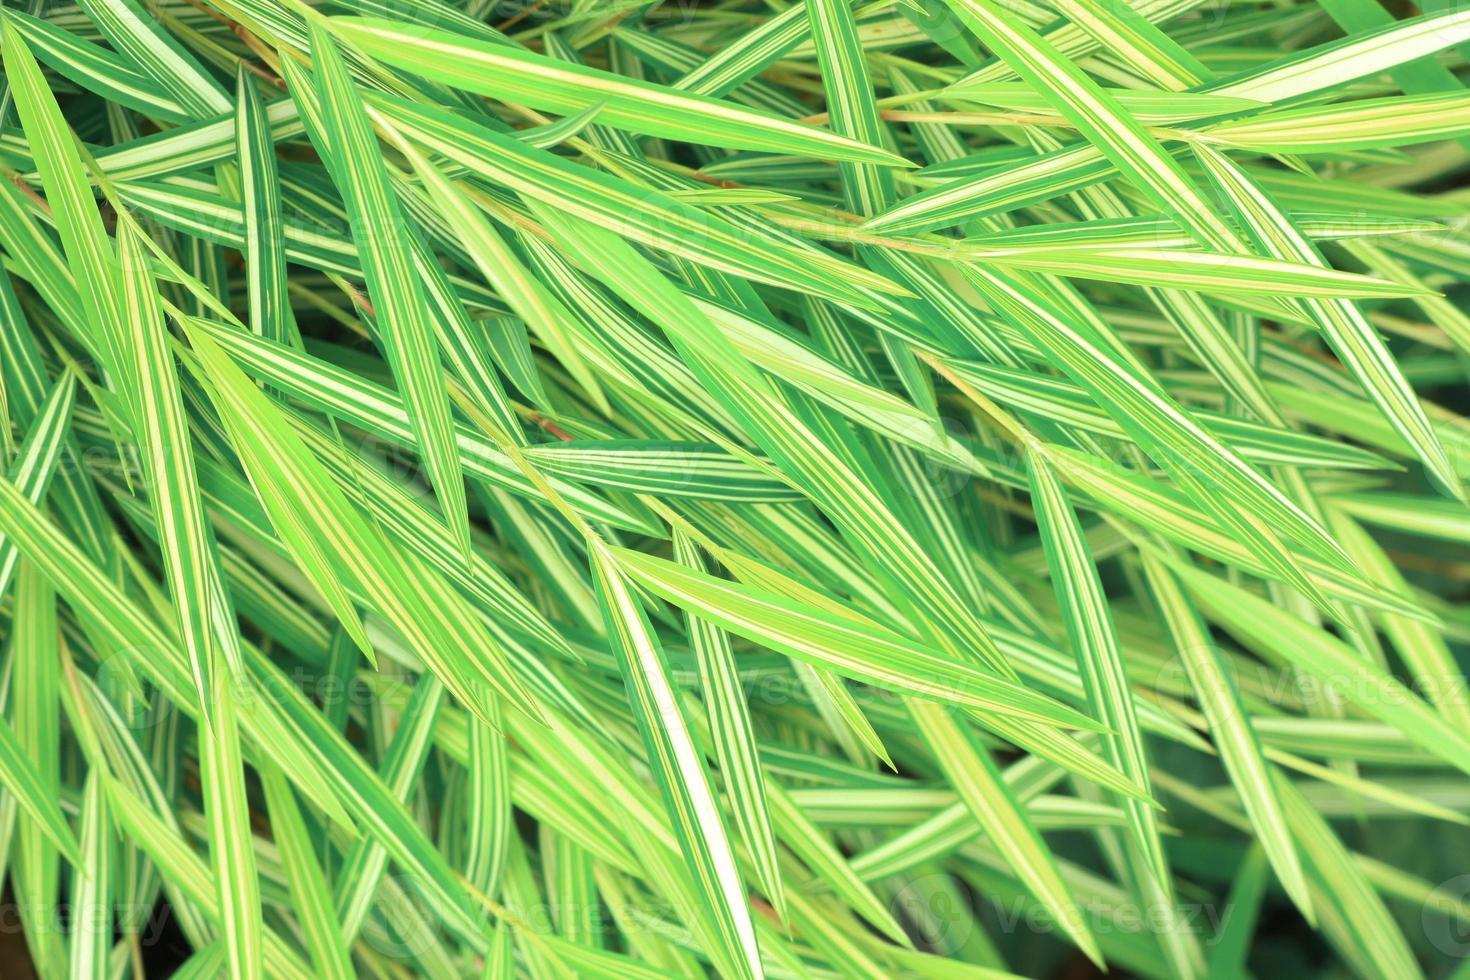 árbol de bambú foto